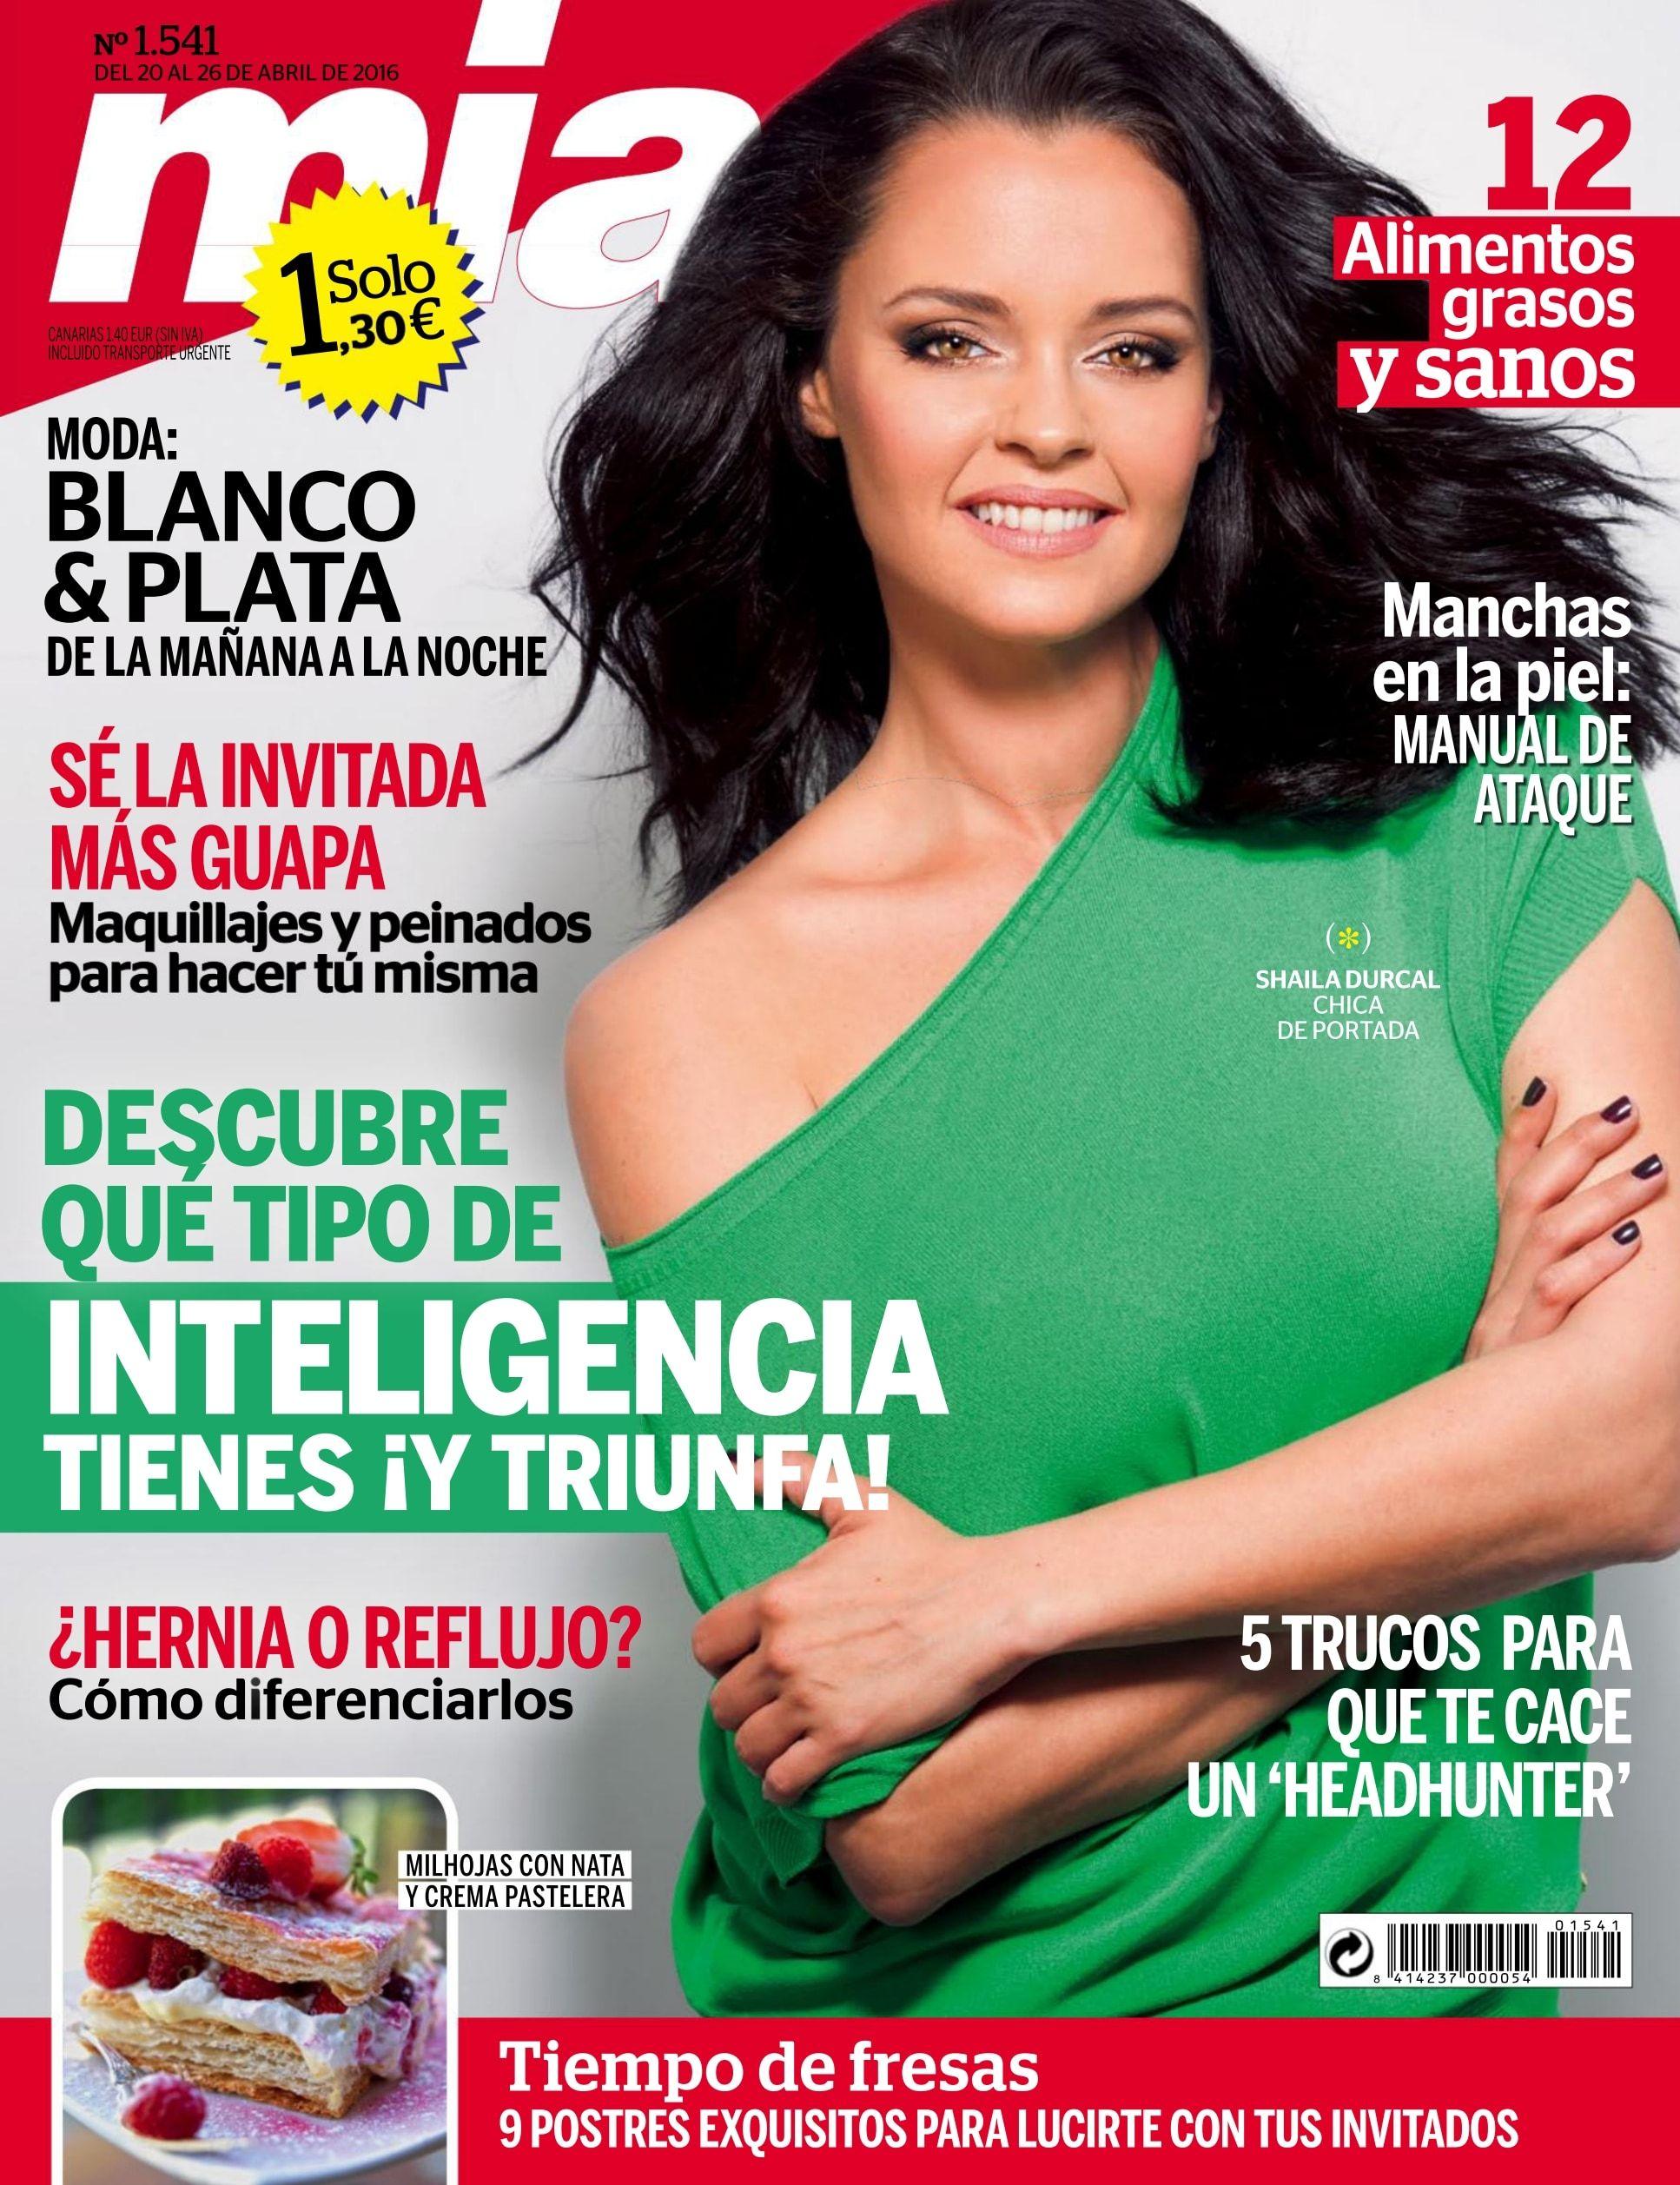 Revista #Mía 1541. #ShailaDurcal en portada. Descubre qué tipo de inteligencia tienes. #Moda, blanco y plata para esta #primavera.